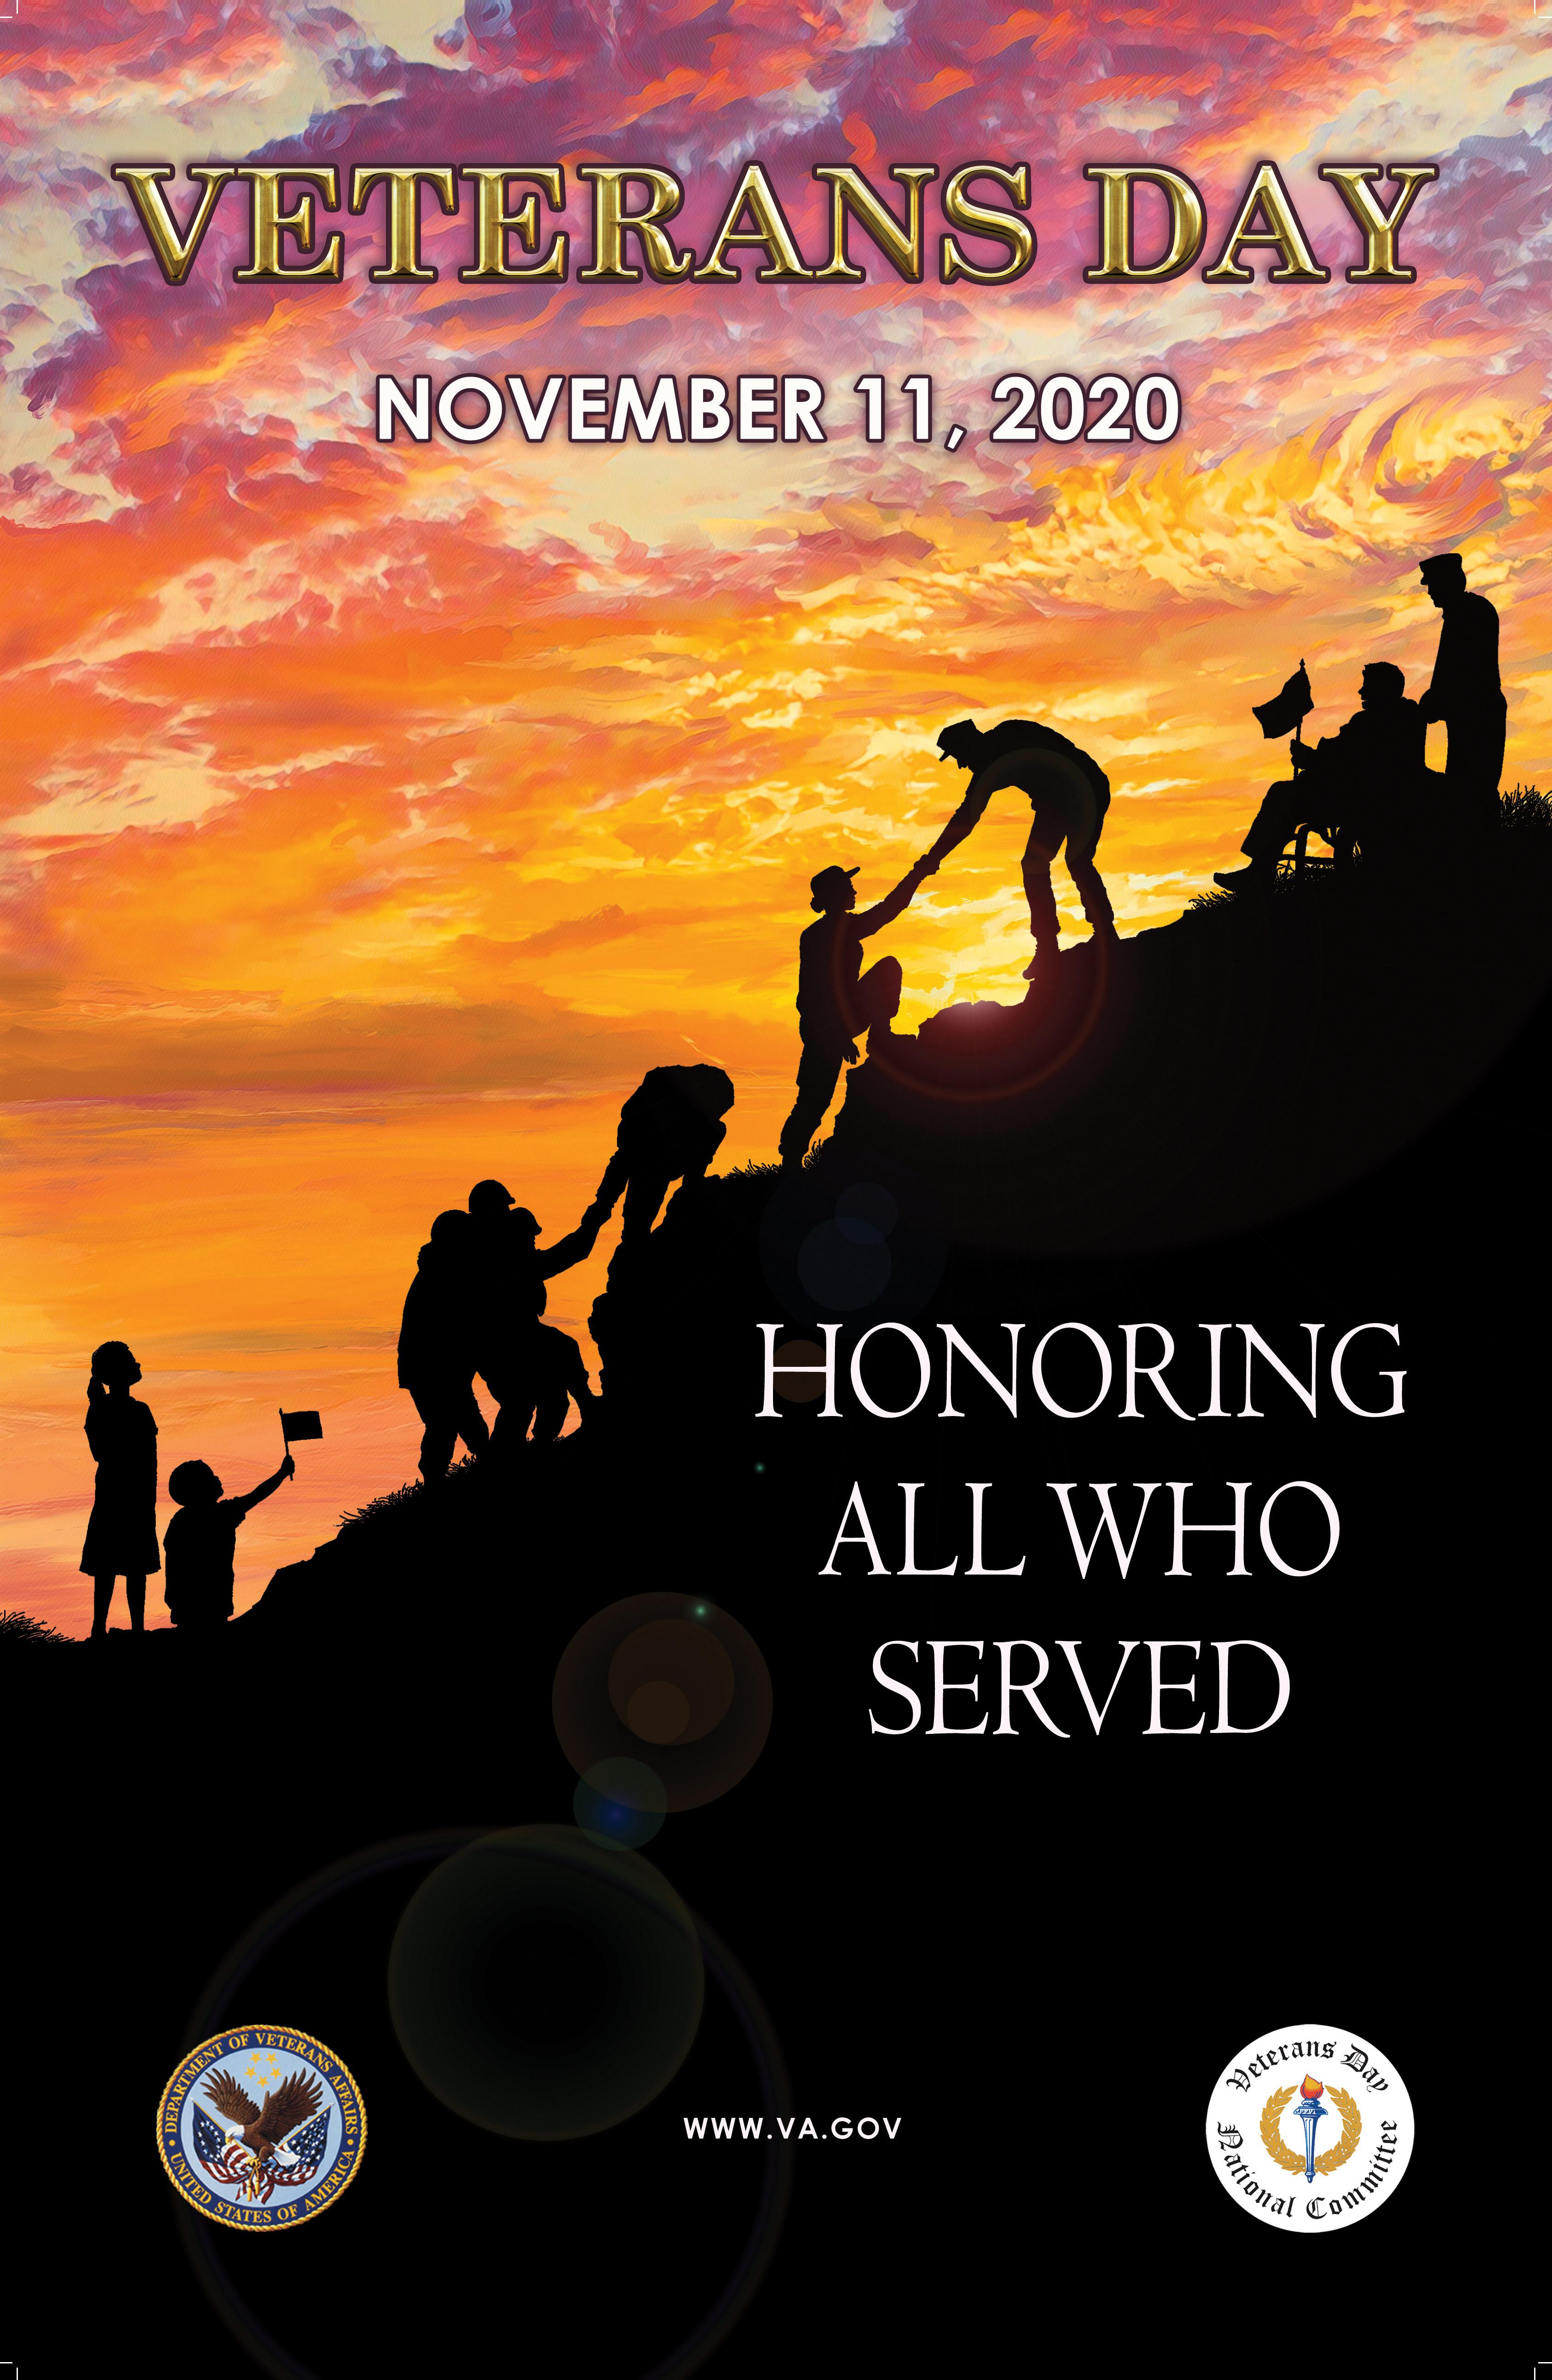 https://www.va.gov/opa/vetsday/poster/20poster_highres.jpg